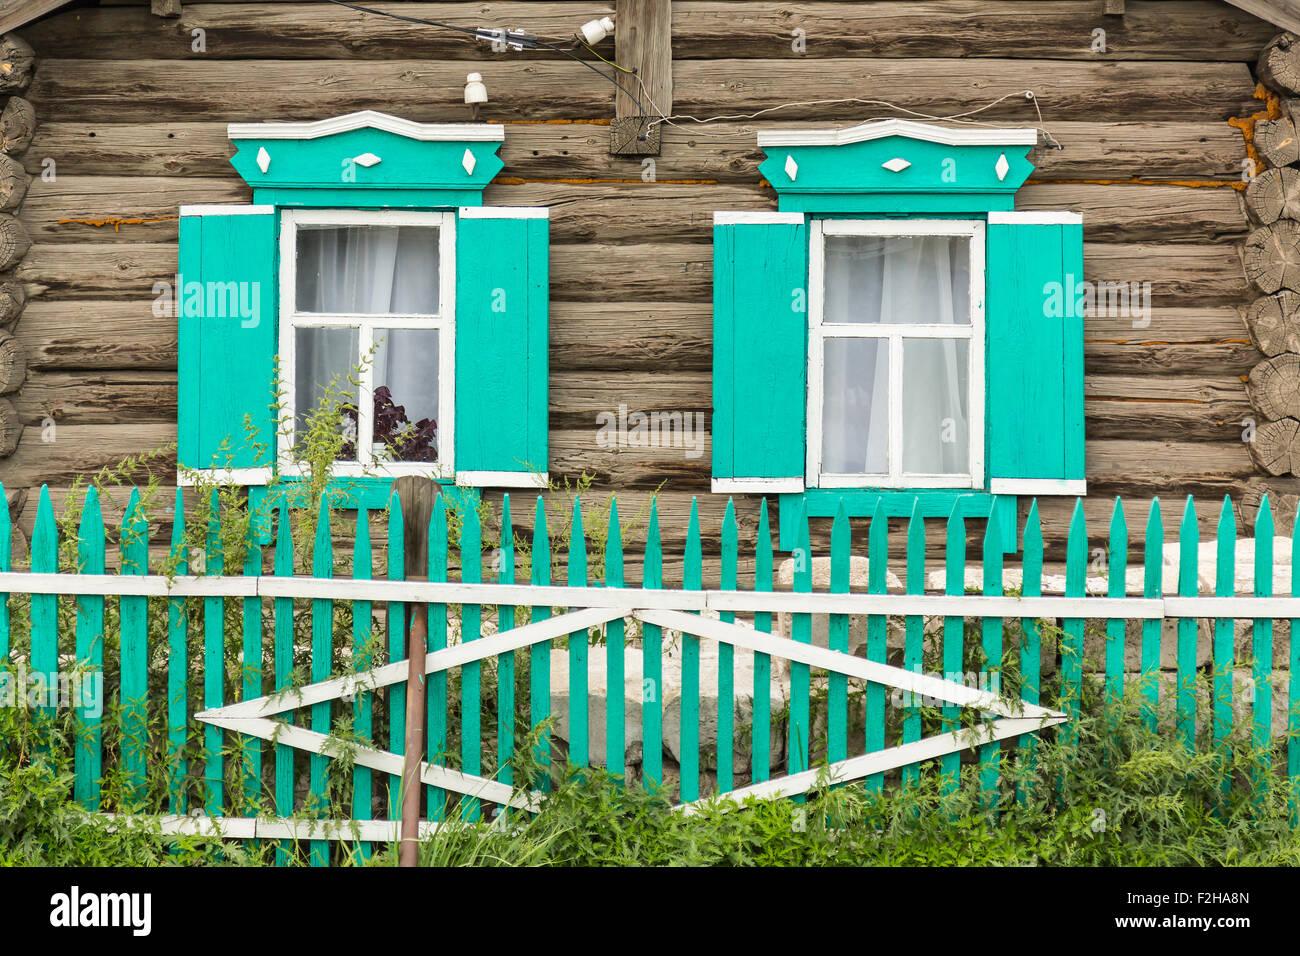 Elegant Russisches Holzhaus Foto Von Russischen Mit Grünen Fenstern